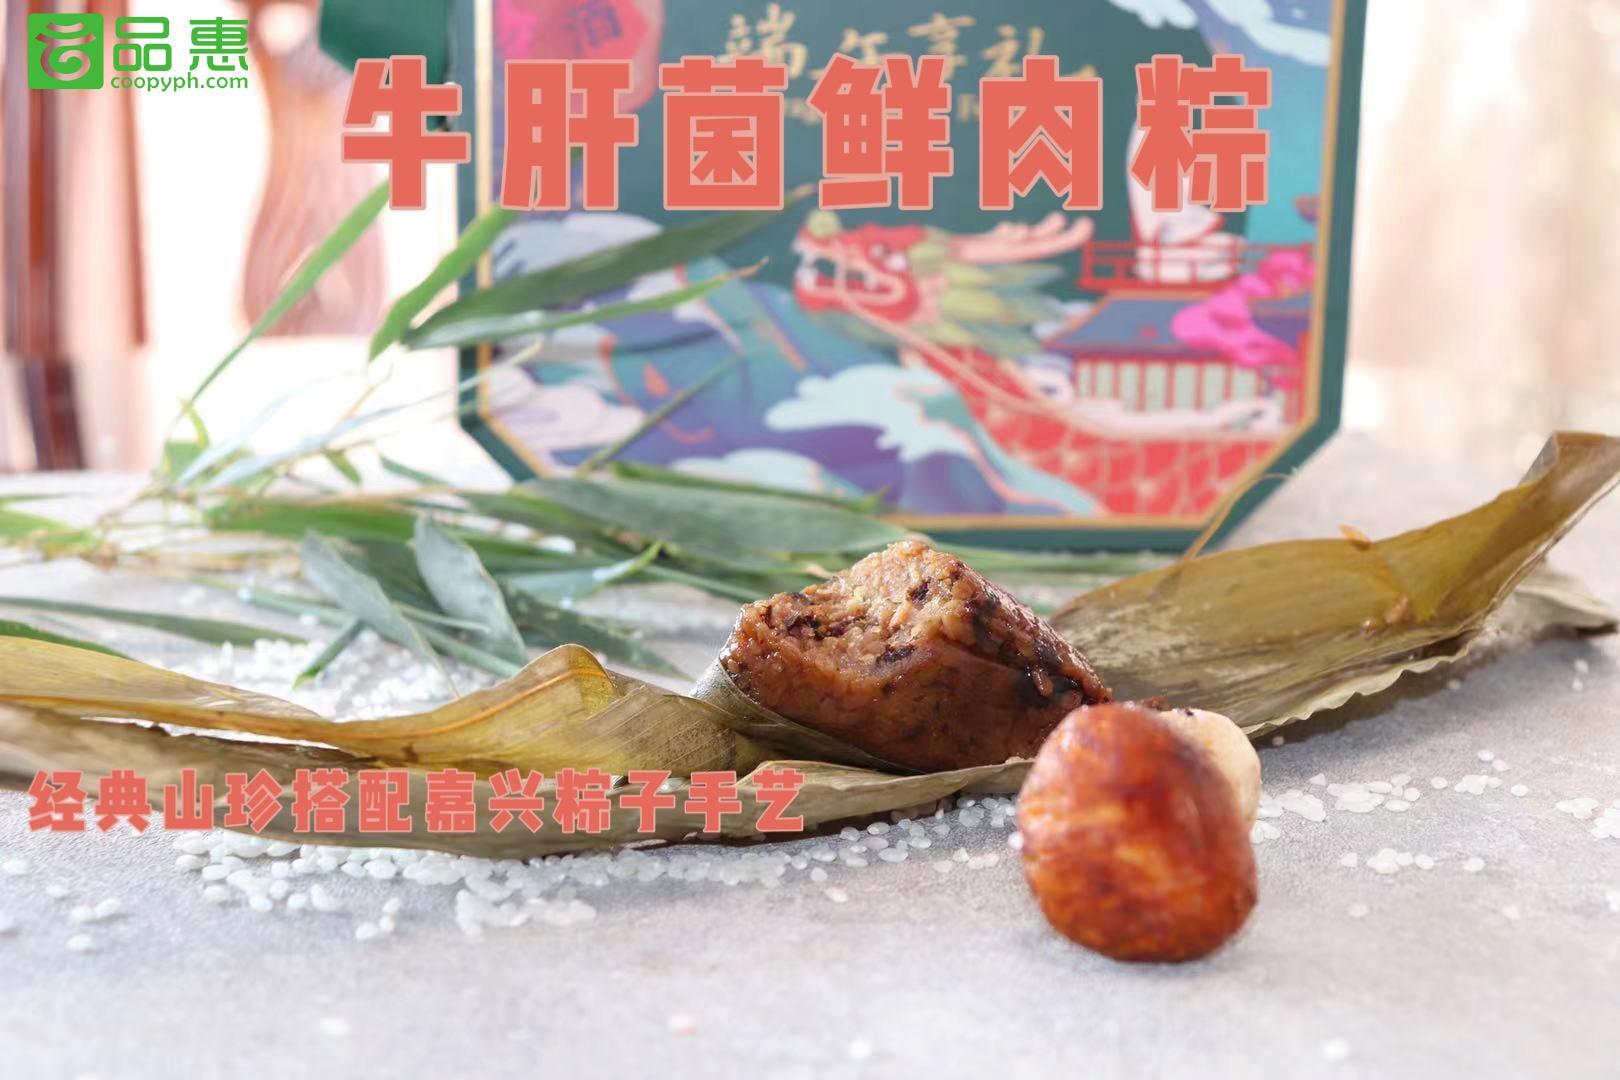 野生菌粽子9*100g/只(松茸肉粽3只+虎掌菌松茸肉粽3只+牛肝菌肉粽3只)